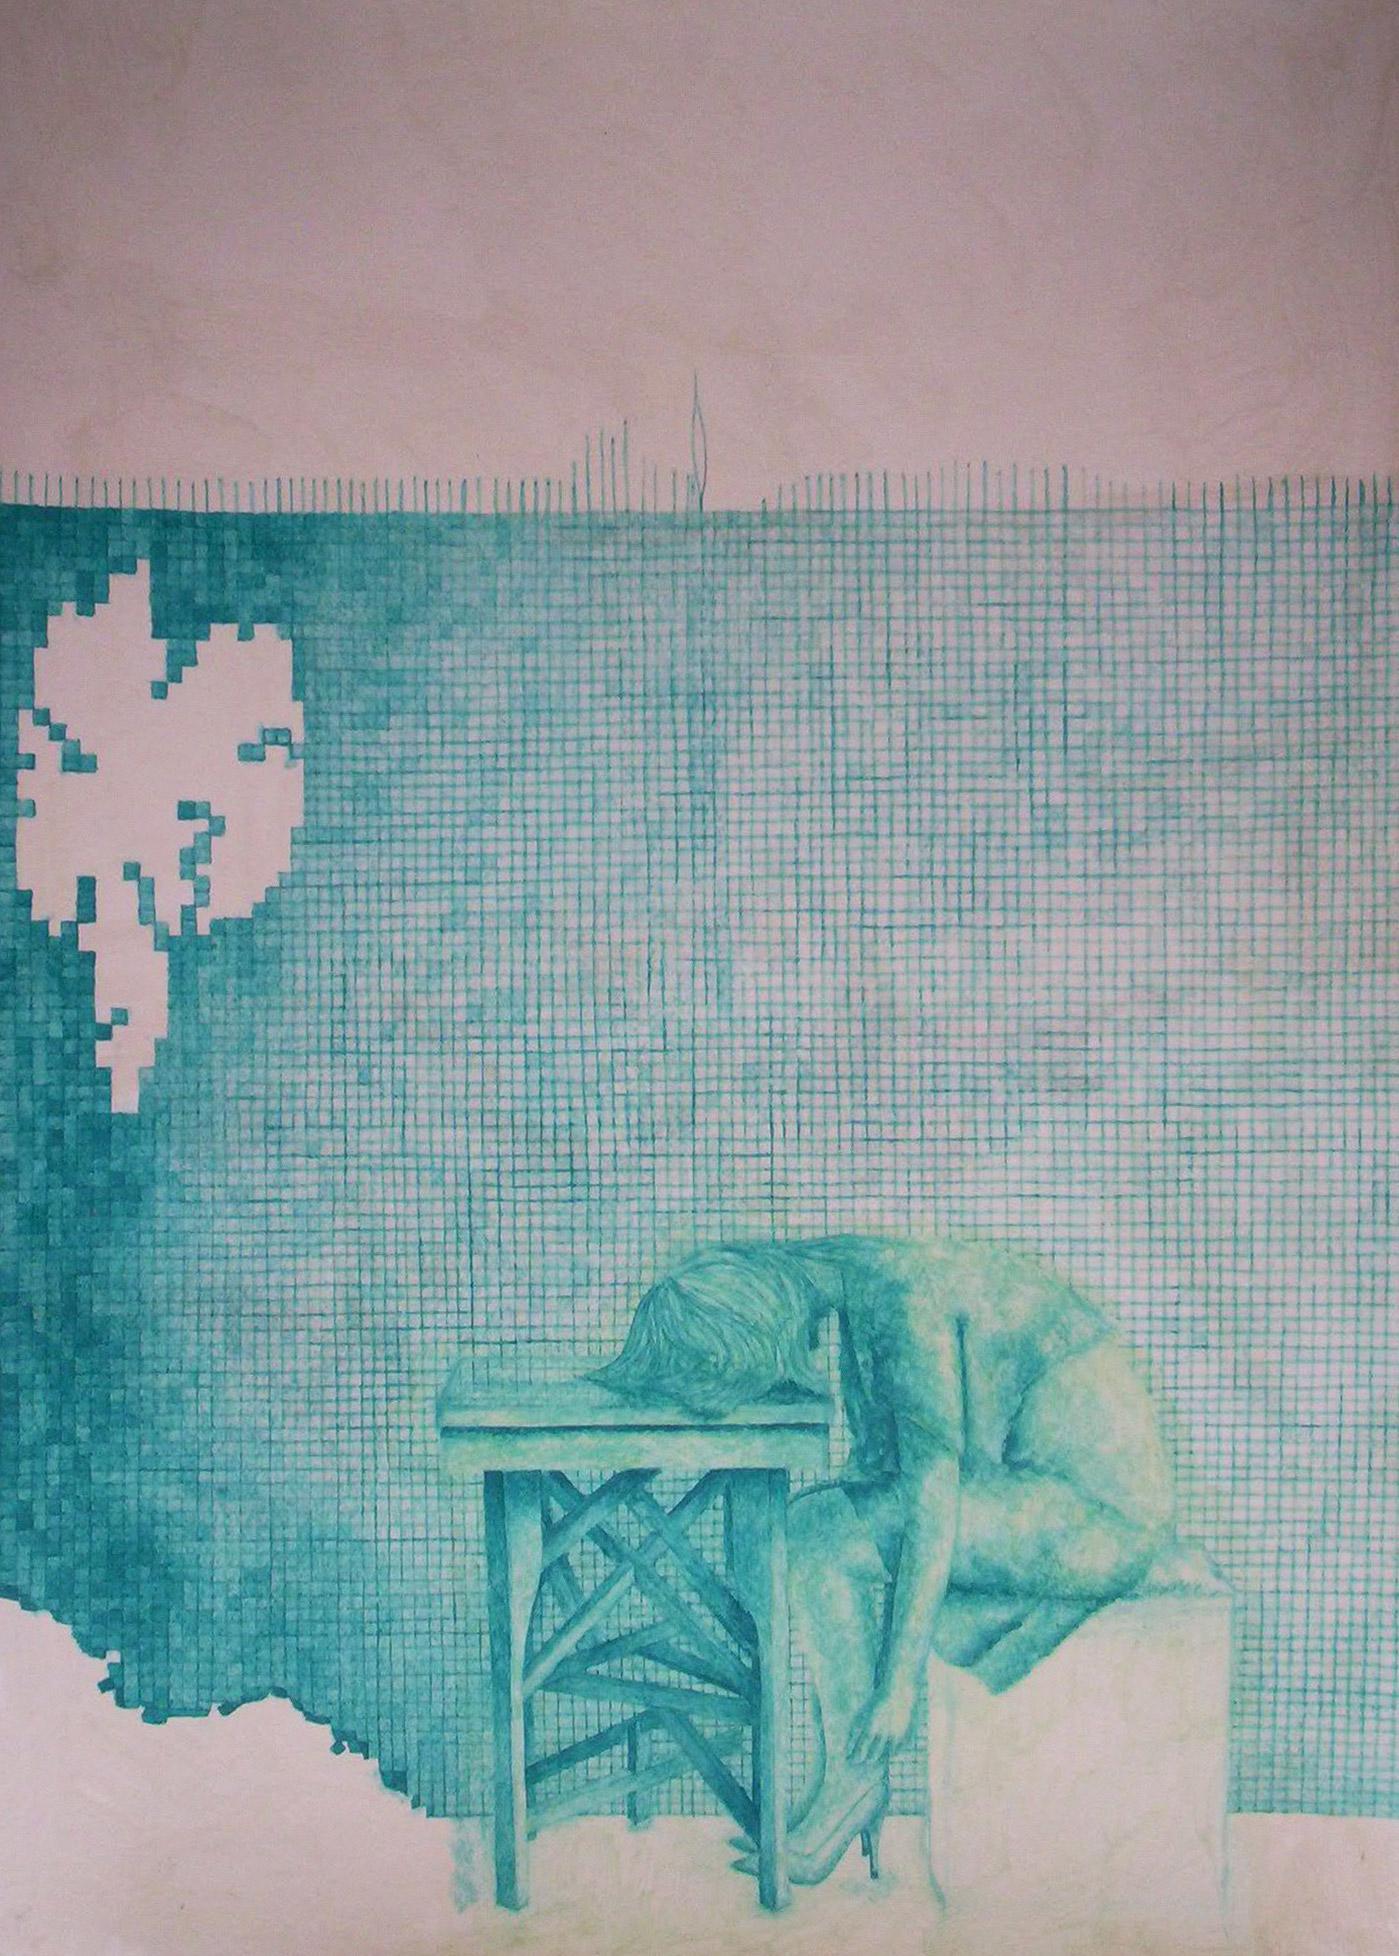 Паутина. Девушка сидит на кубе со спущенными руками и головой на столе. На заднем плане на стене мелкая плитка психиатрической больницы. Гуашь.